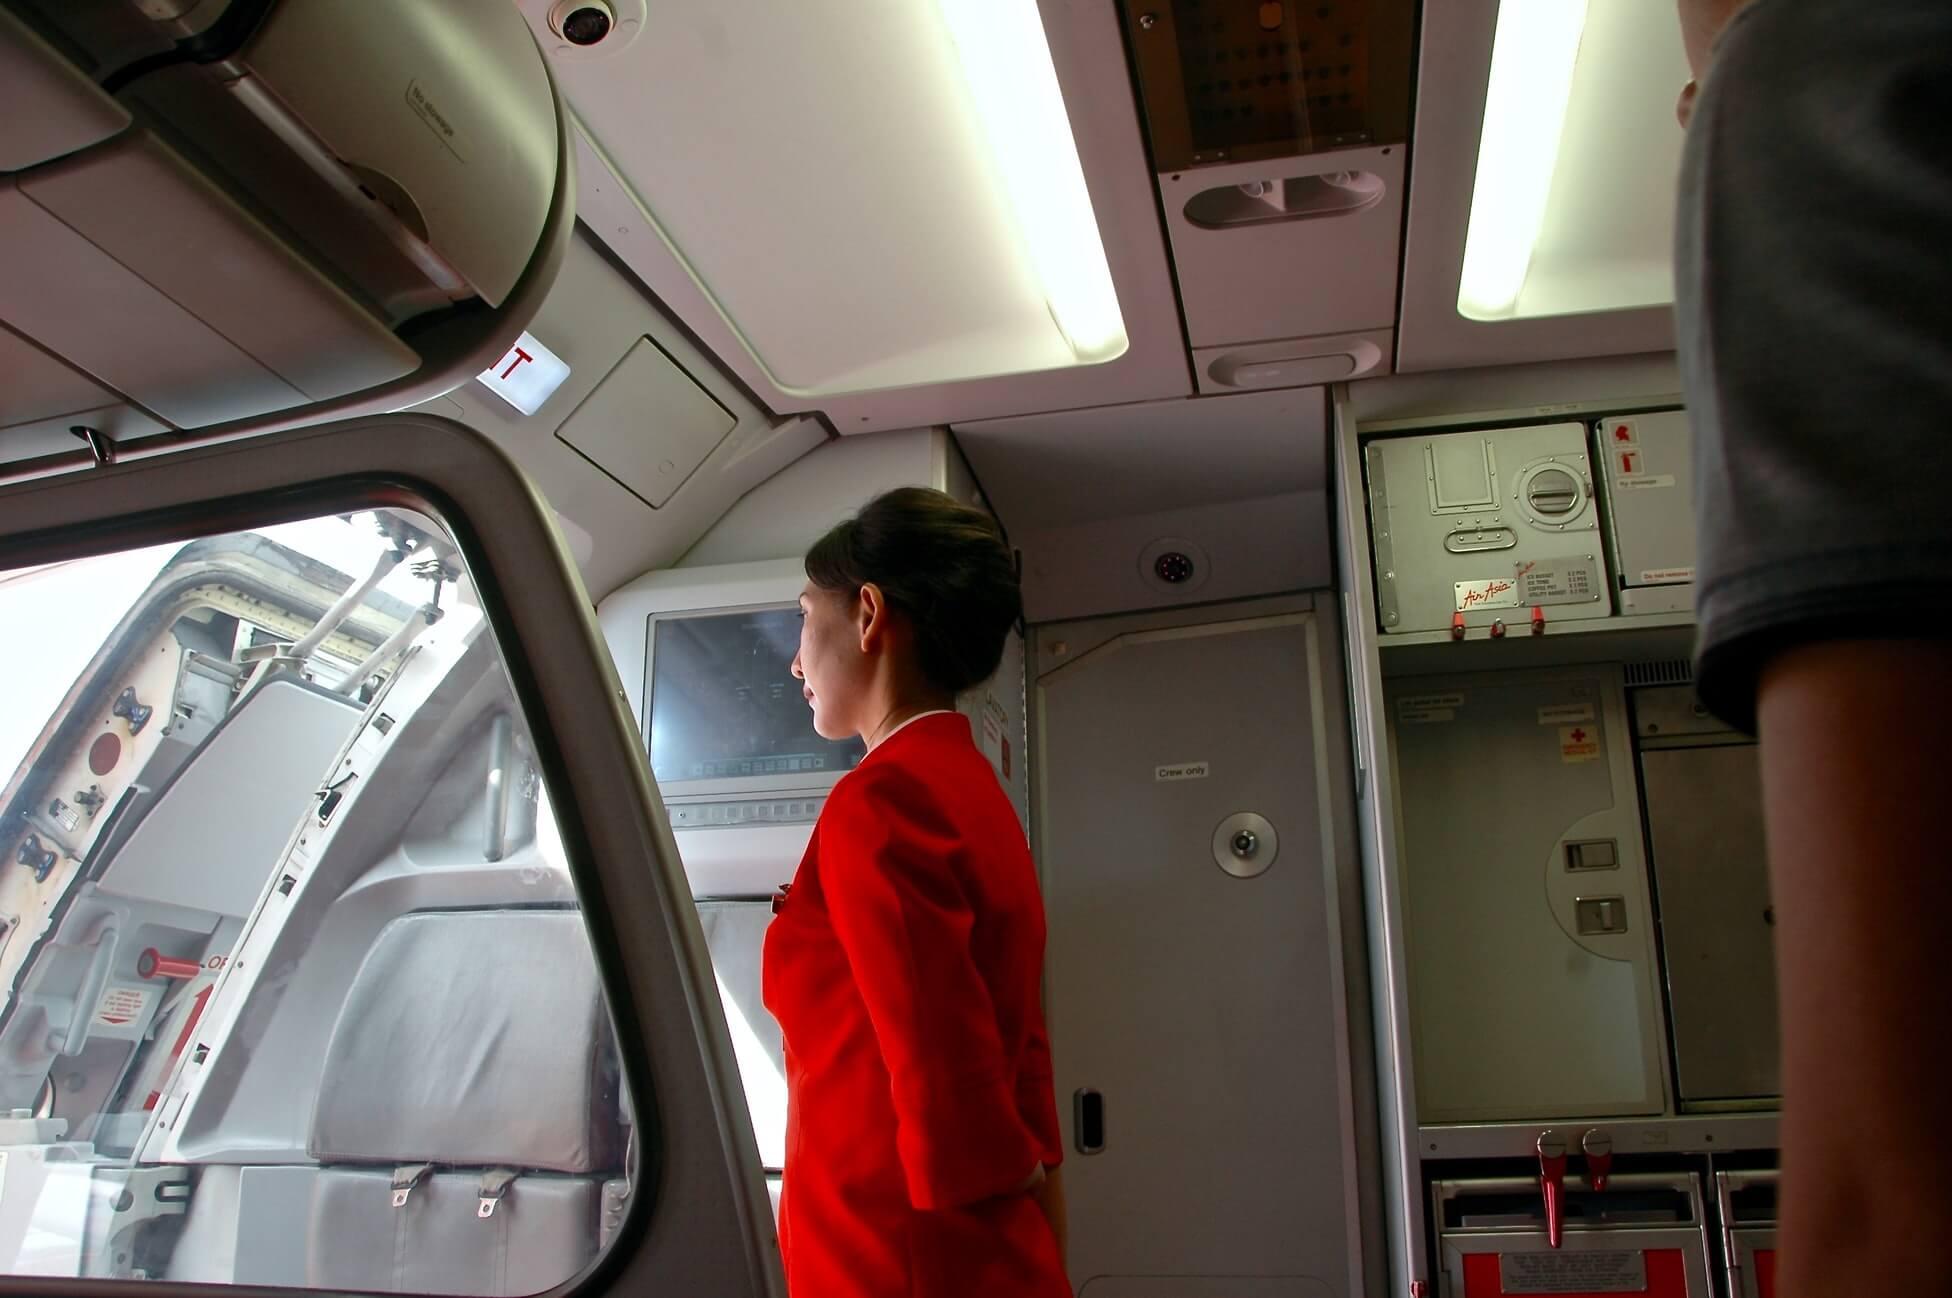 Американские авиакомпании сокращают сотрудников: есть ли такие риски у российских компаний?